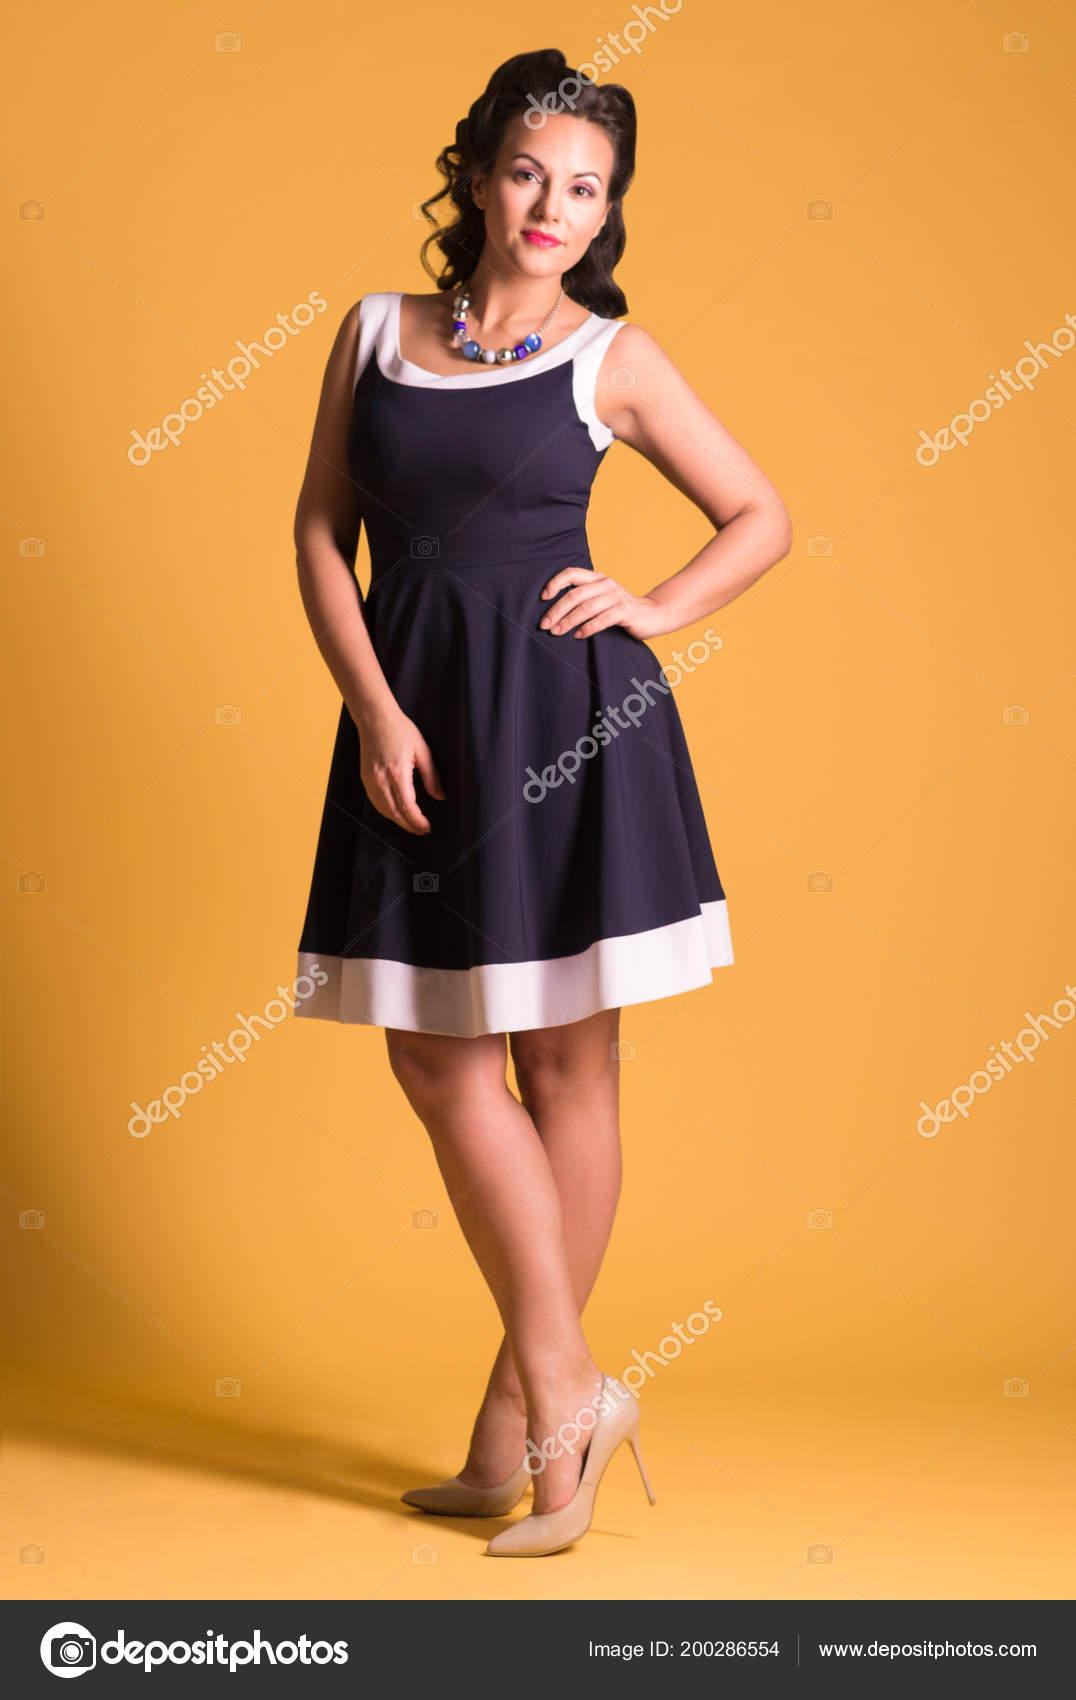 be69d9d7a75 Χαμογελαστή γυναίκα στο φόρεμα με κόμμωση στέκεται στο κίτρινο studio, pin  up στυλ, γεμάτο σώμα — Εικόνα από singulyarra1